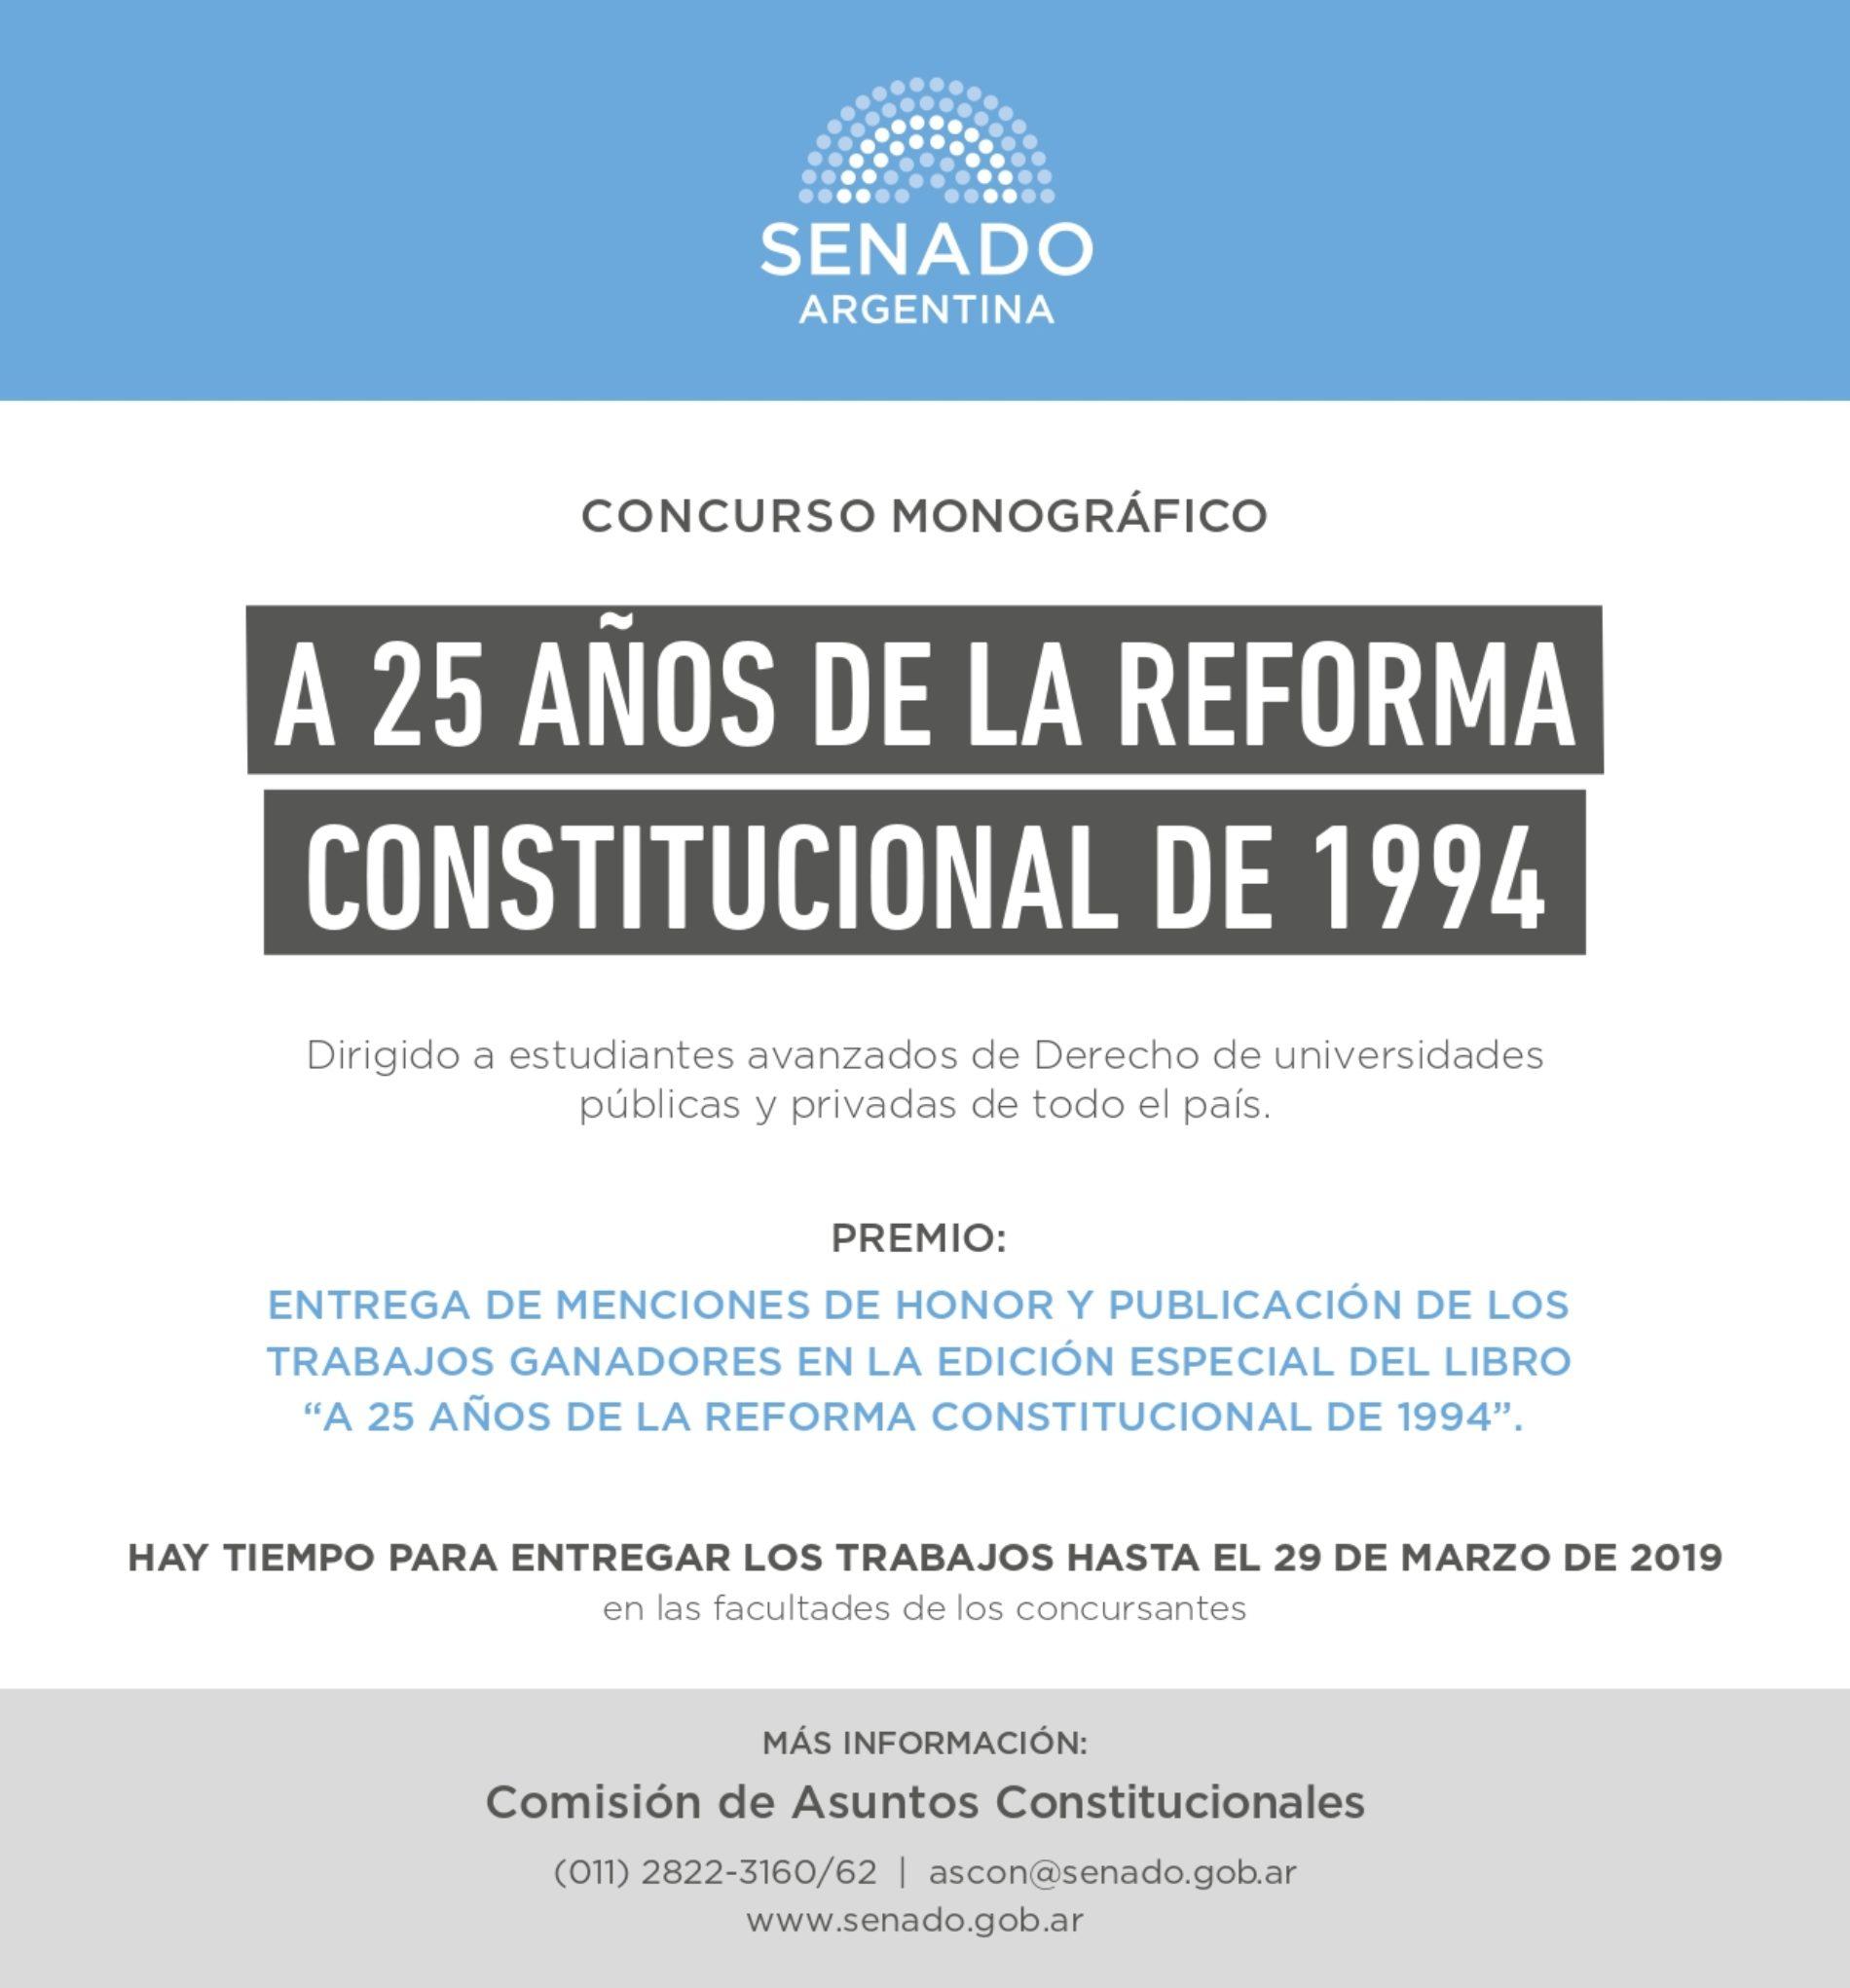 «CONCURSO MONOGRÁFICO – HONORABLE SENADO DE LA NACIÓN ARGENTINA»